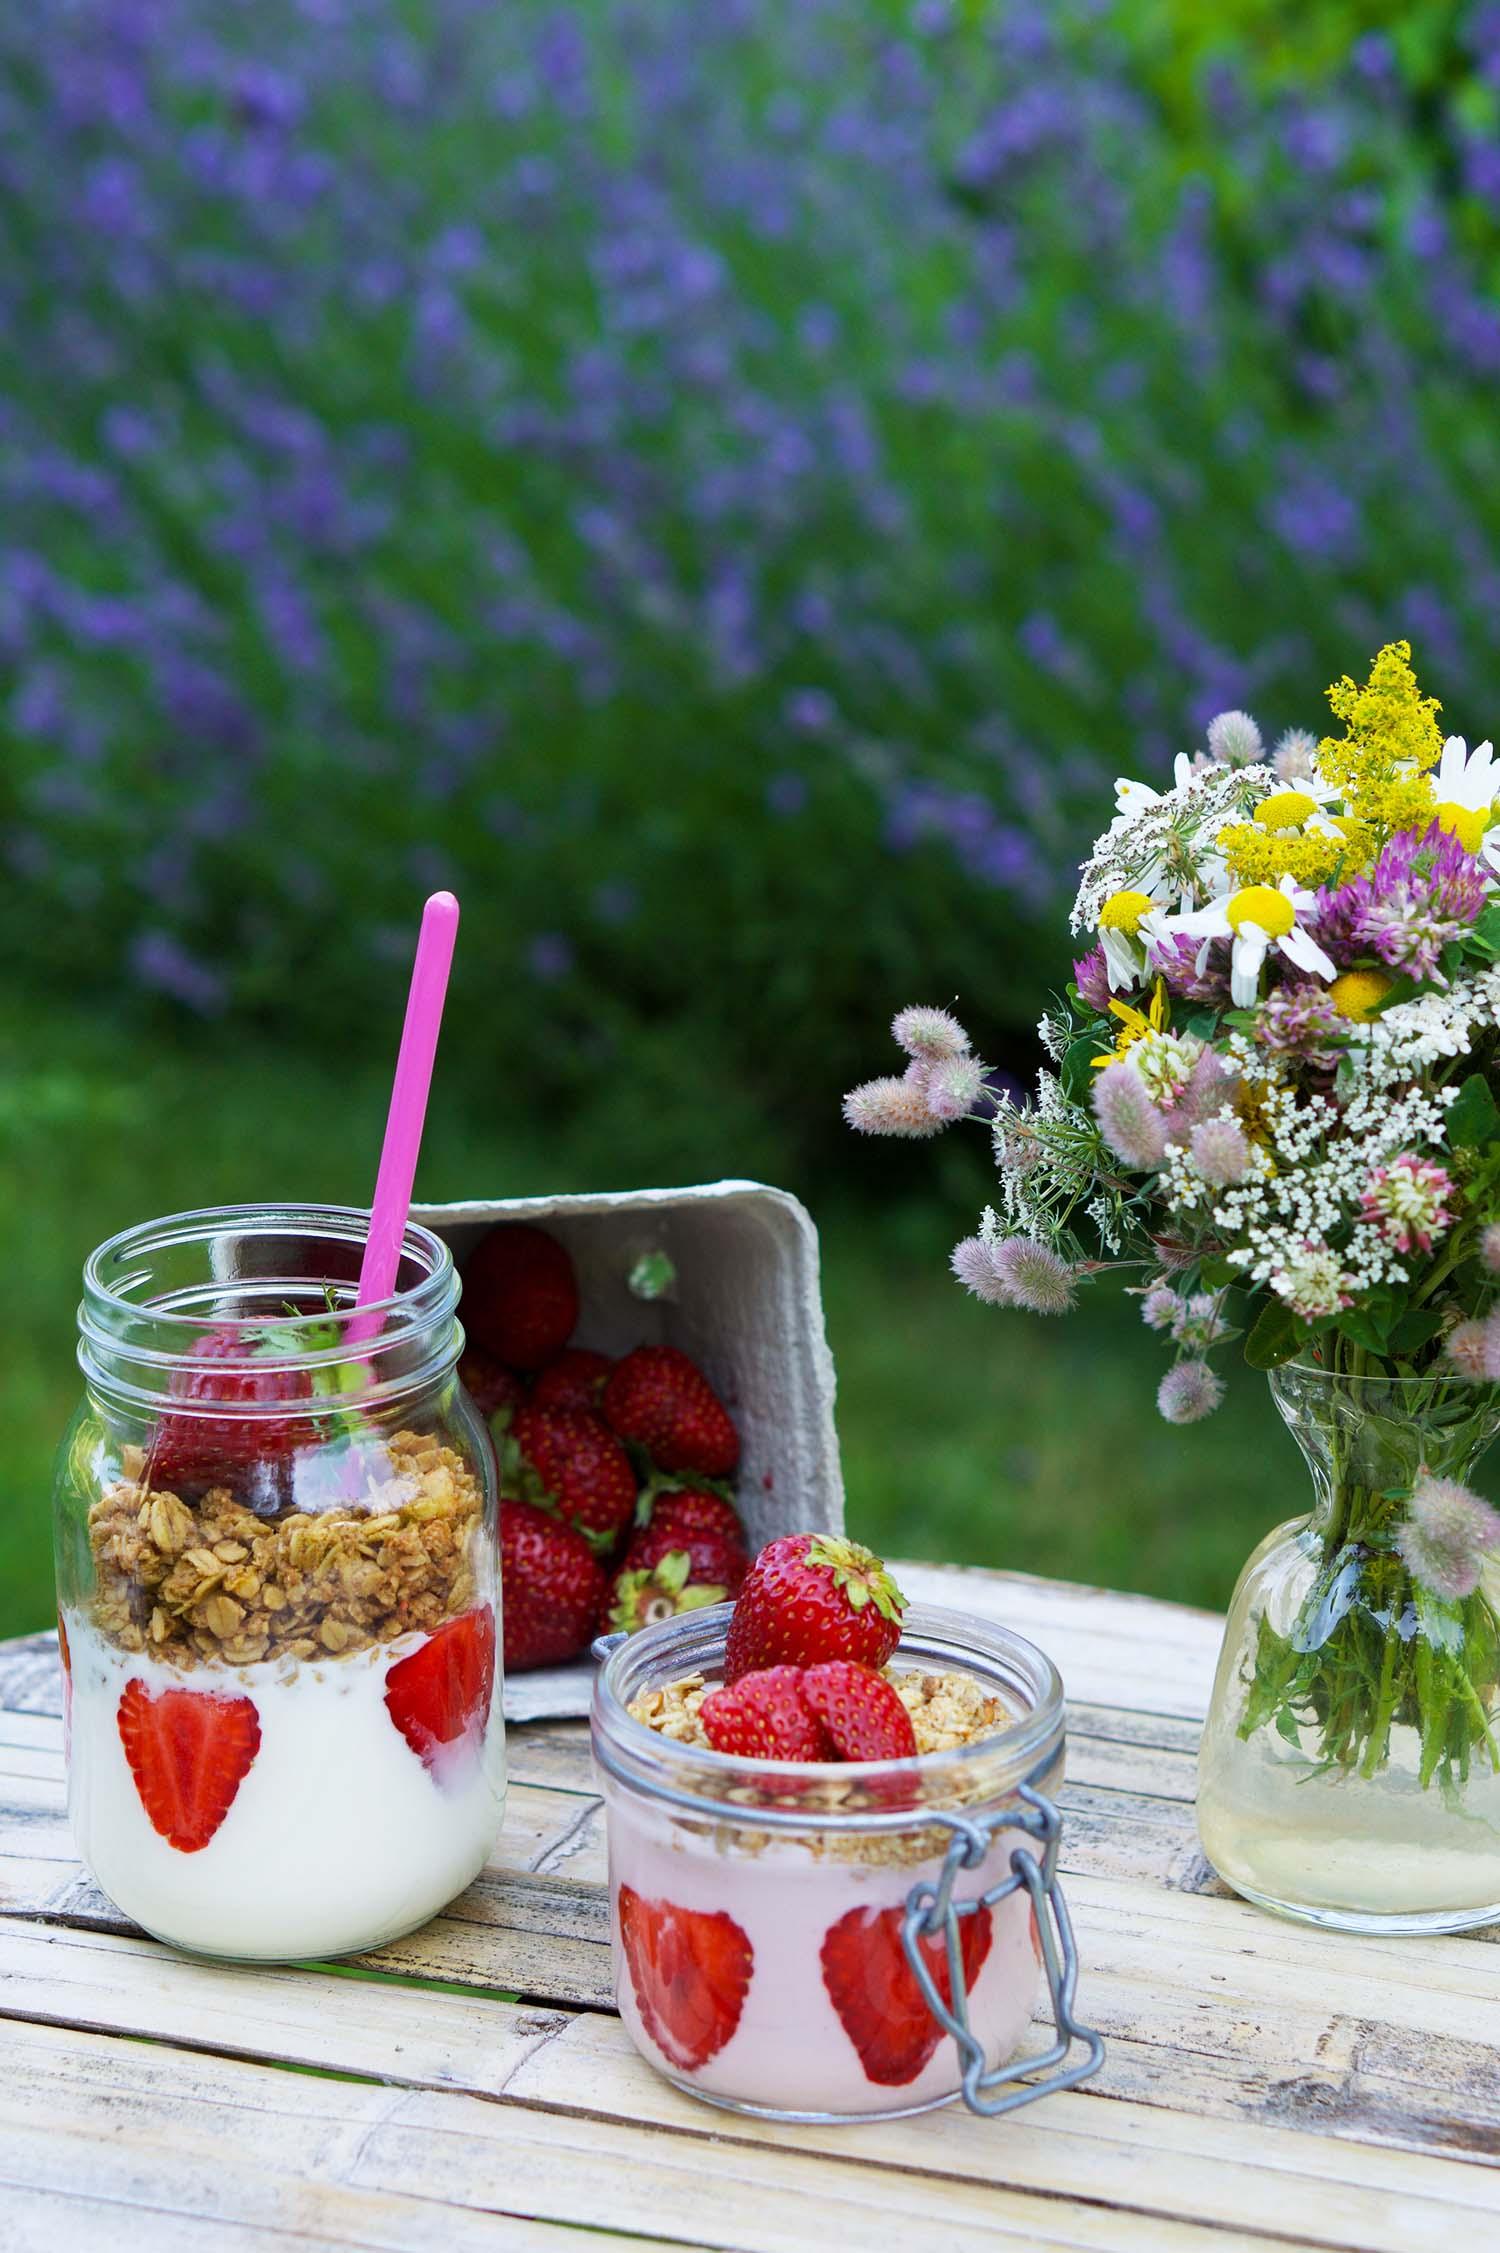 Svenska jordgubbar till somrig frukost